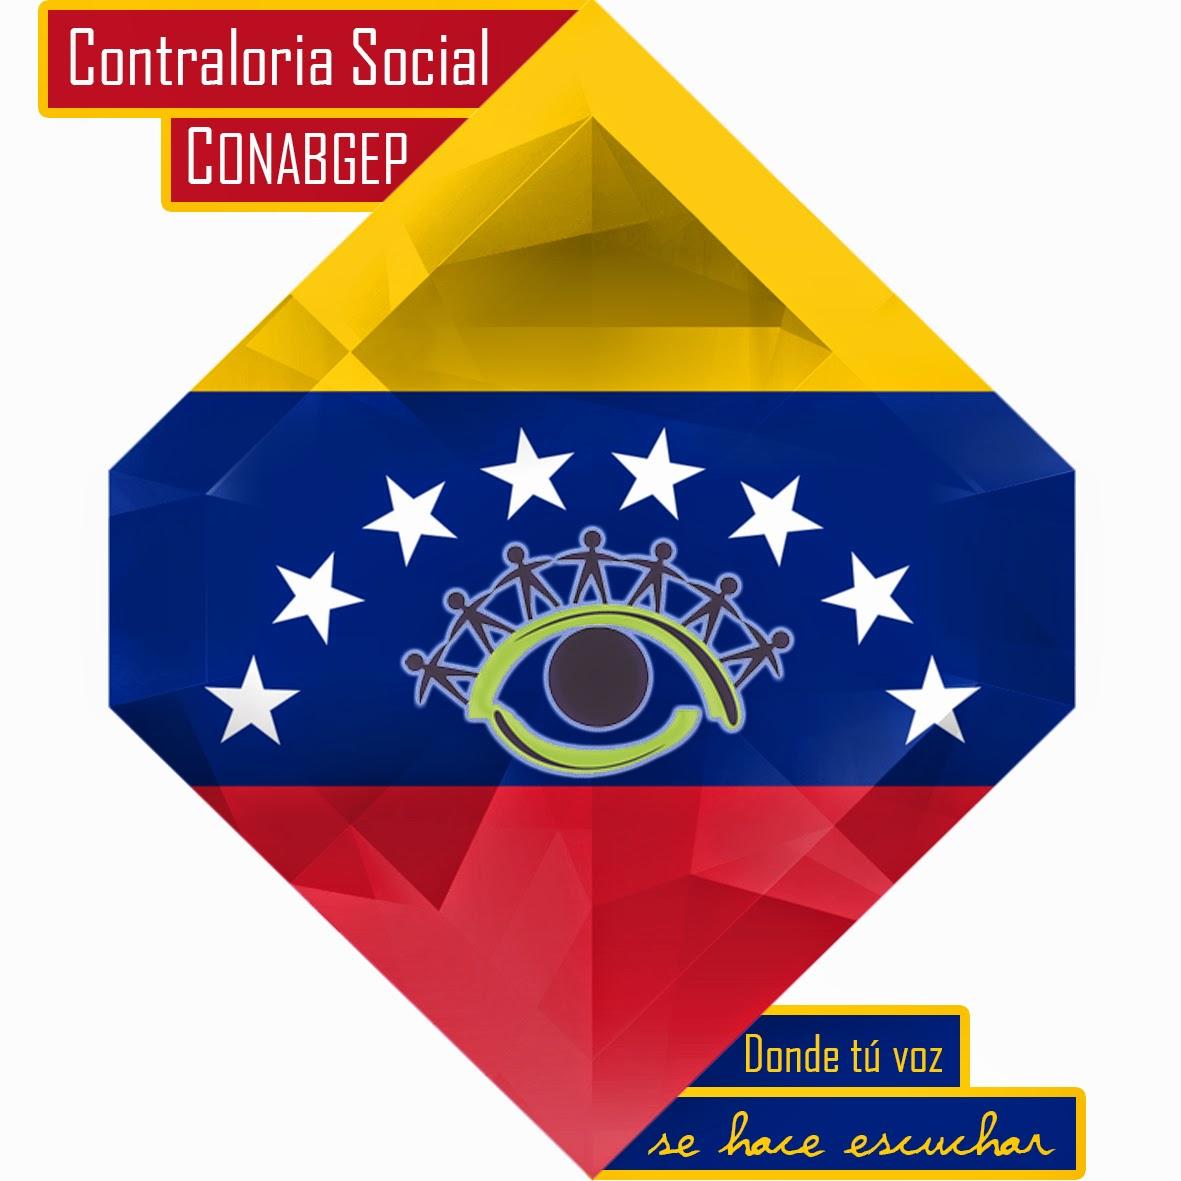 Contreloria social